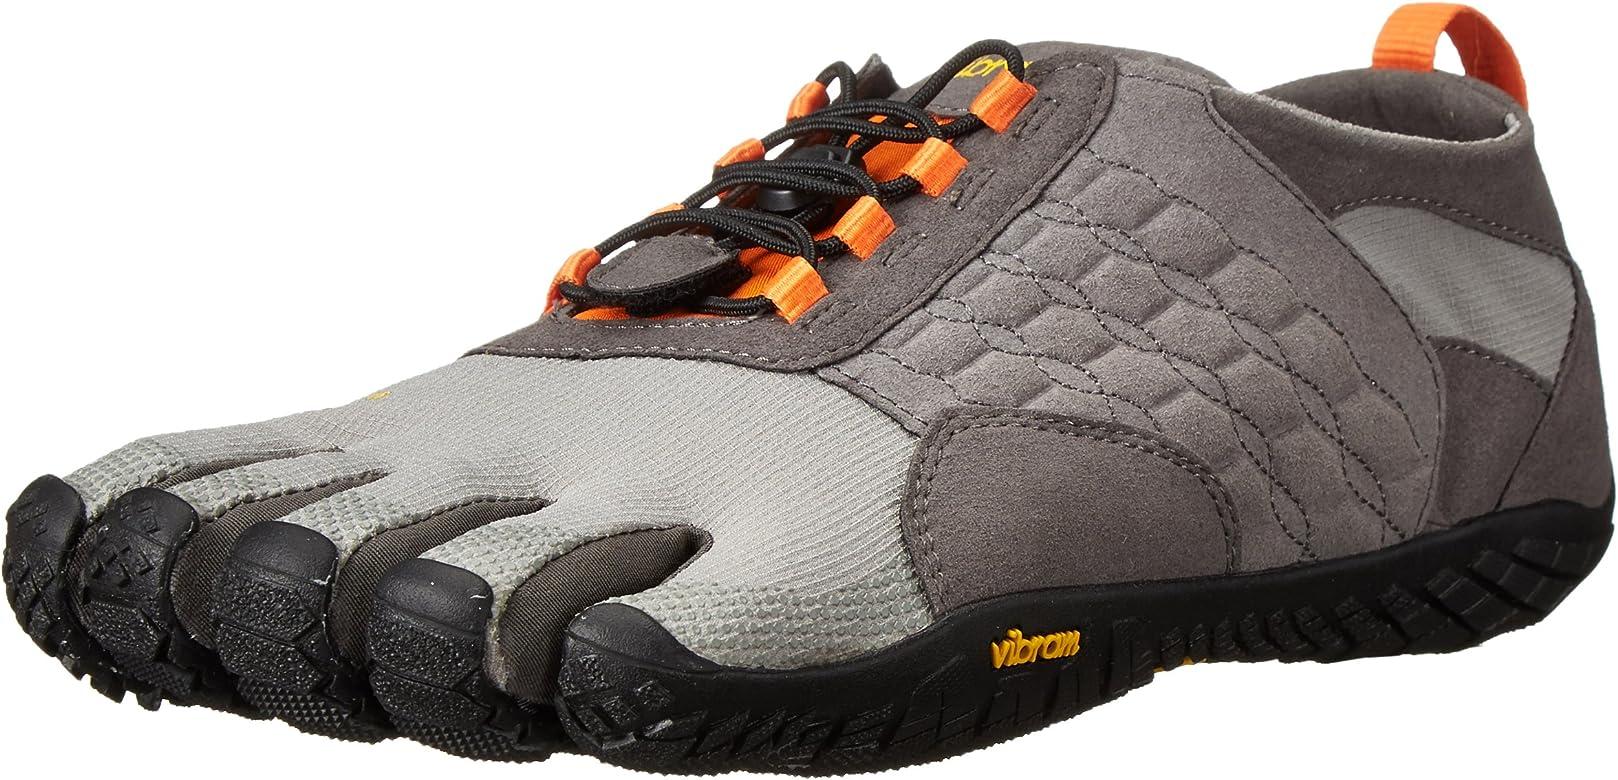 Vibram FiveFingers Trek Ascent, Zapatillas de Deporte Exterior Hombre, Multicolor (Grey/Black/Orange), 41 EU: Amazon.es: Zapatos y complementos